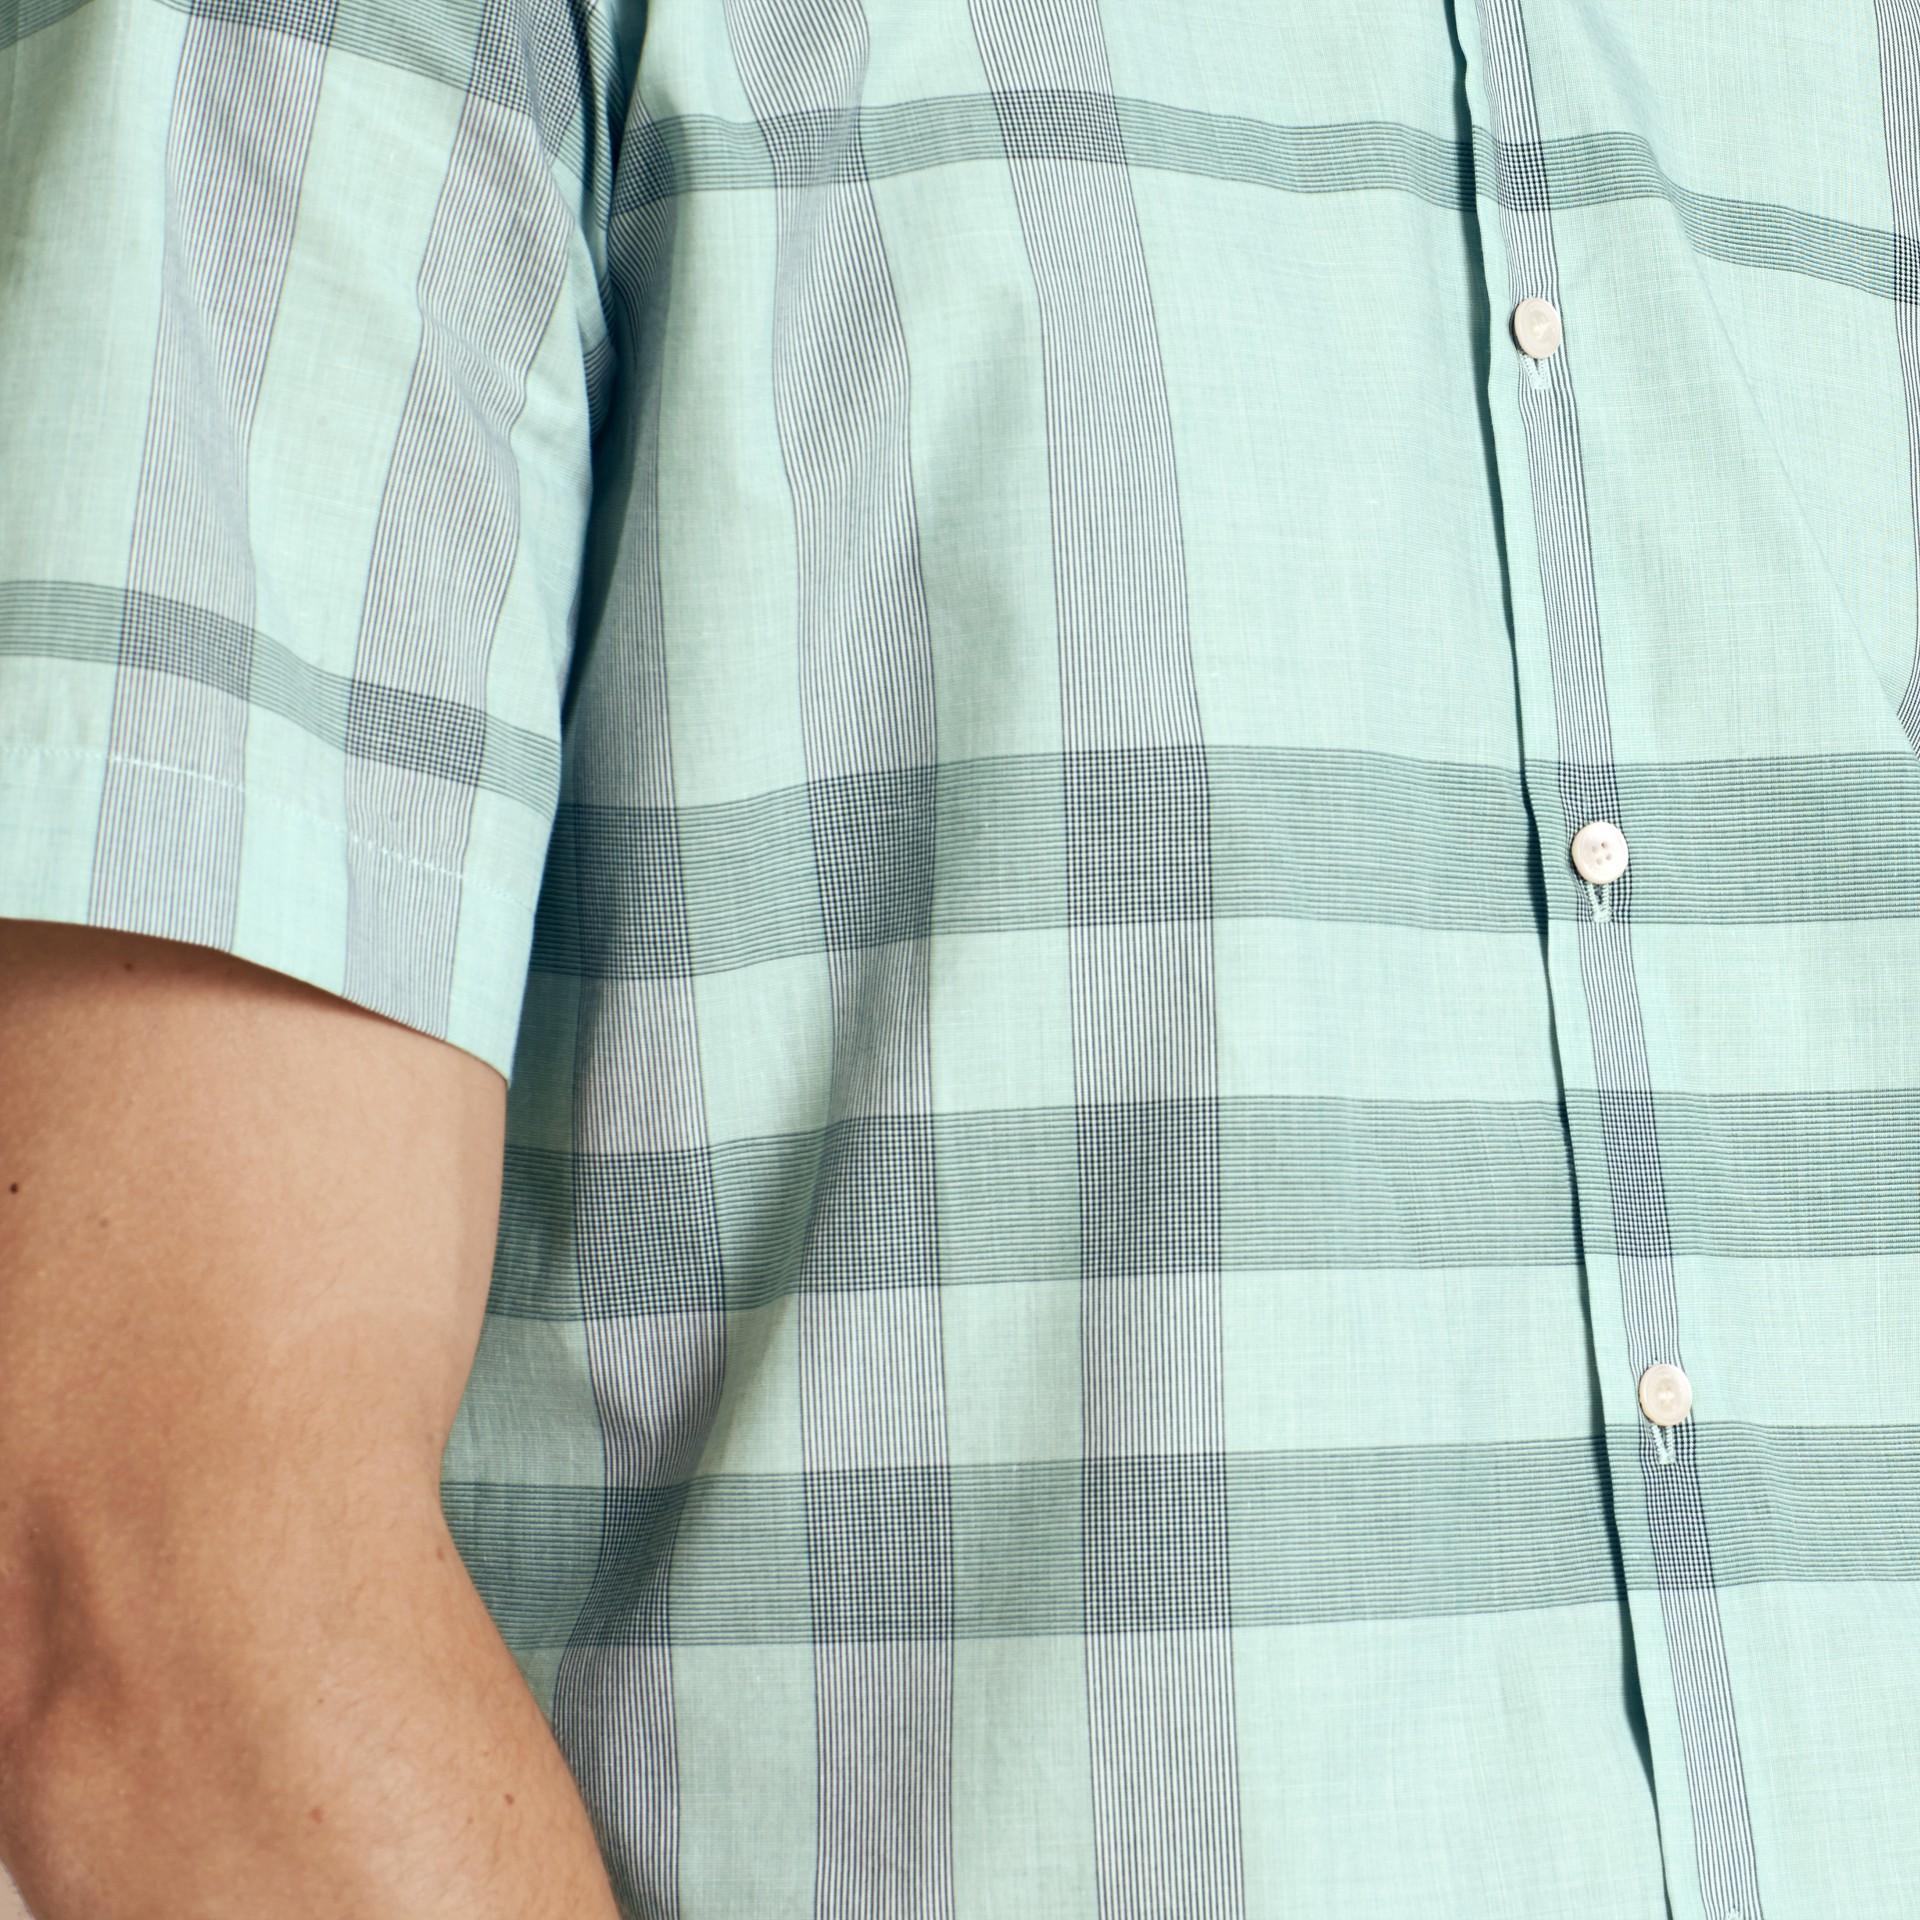 유칼립투스 그린 쇼트 슬리브 체크 코튼 셔츠 유칼립투스 그린 - 갤러리 이미지 5